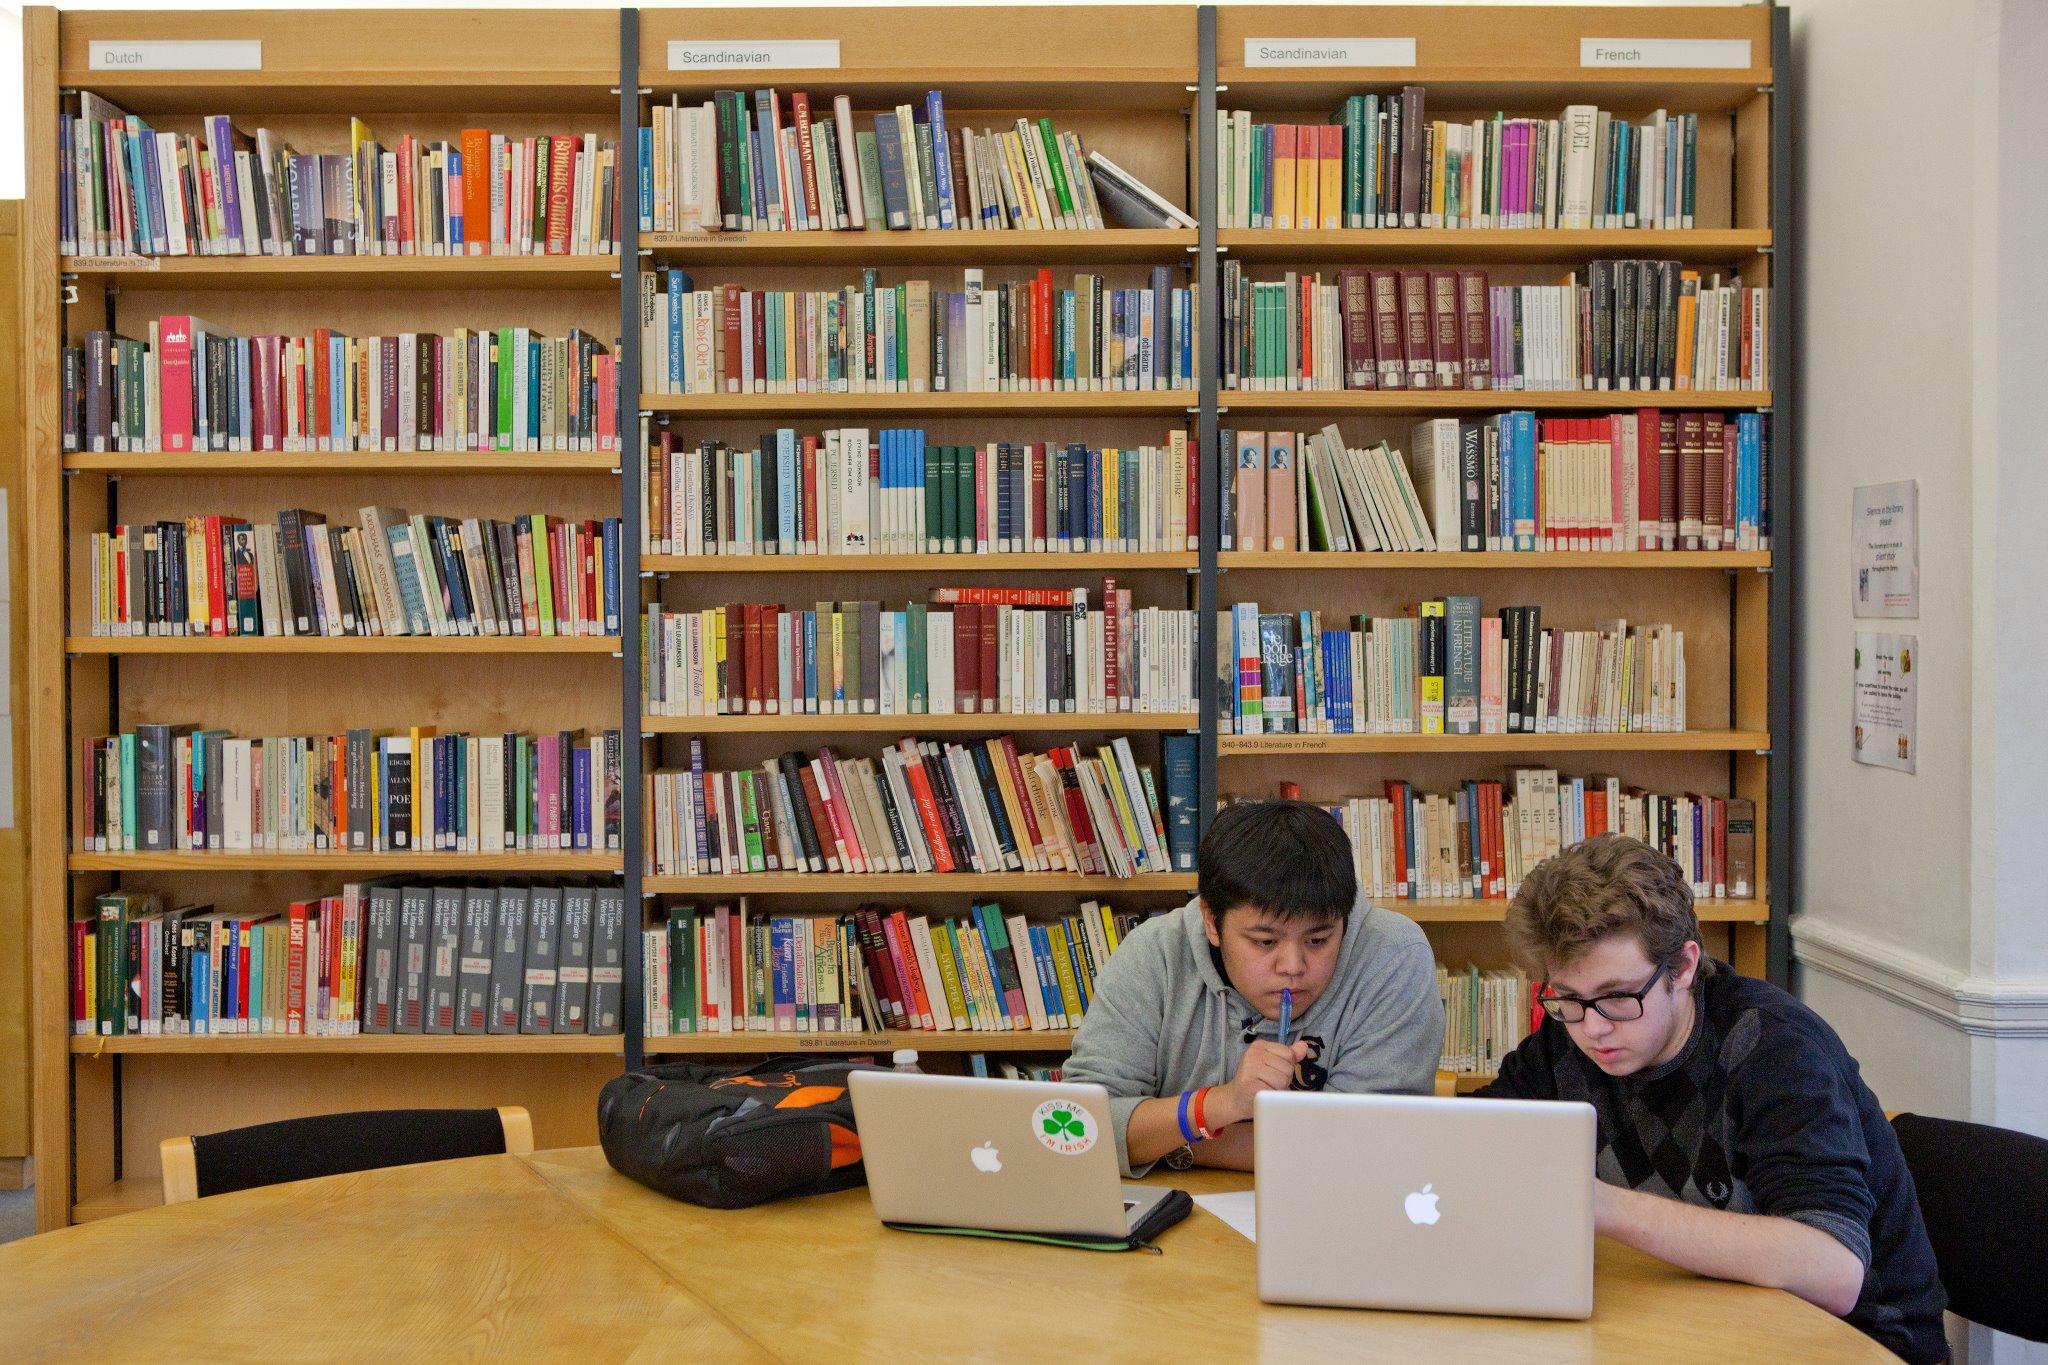 Biblioteca in care orele de studiu se prelungesc